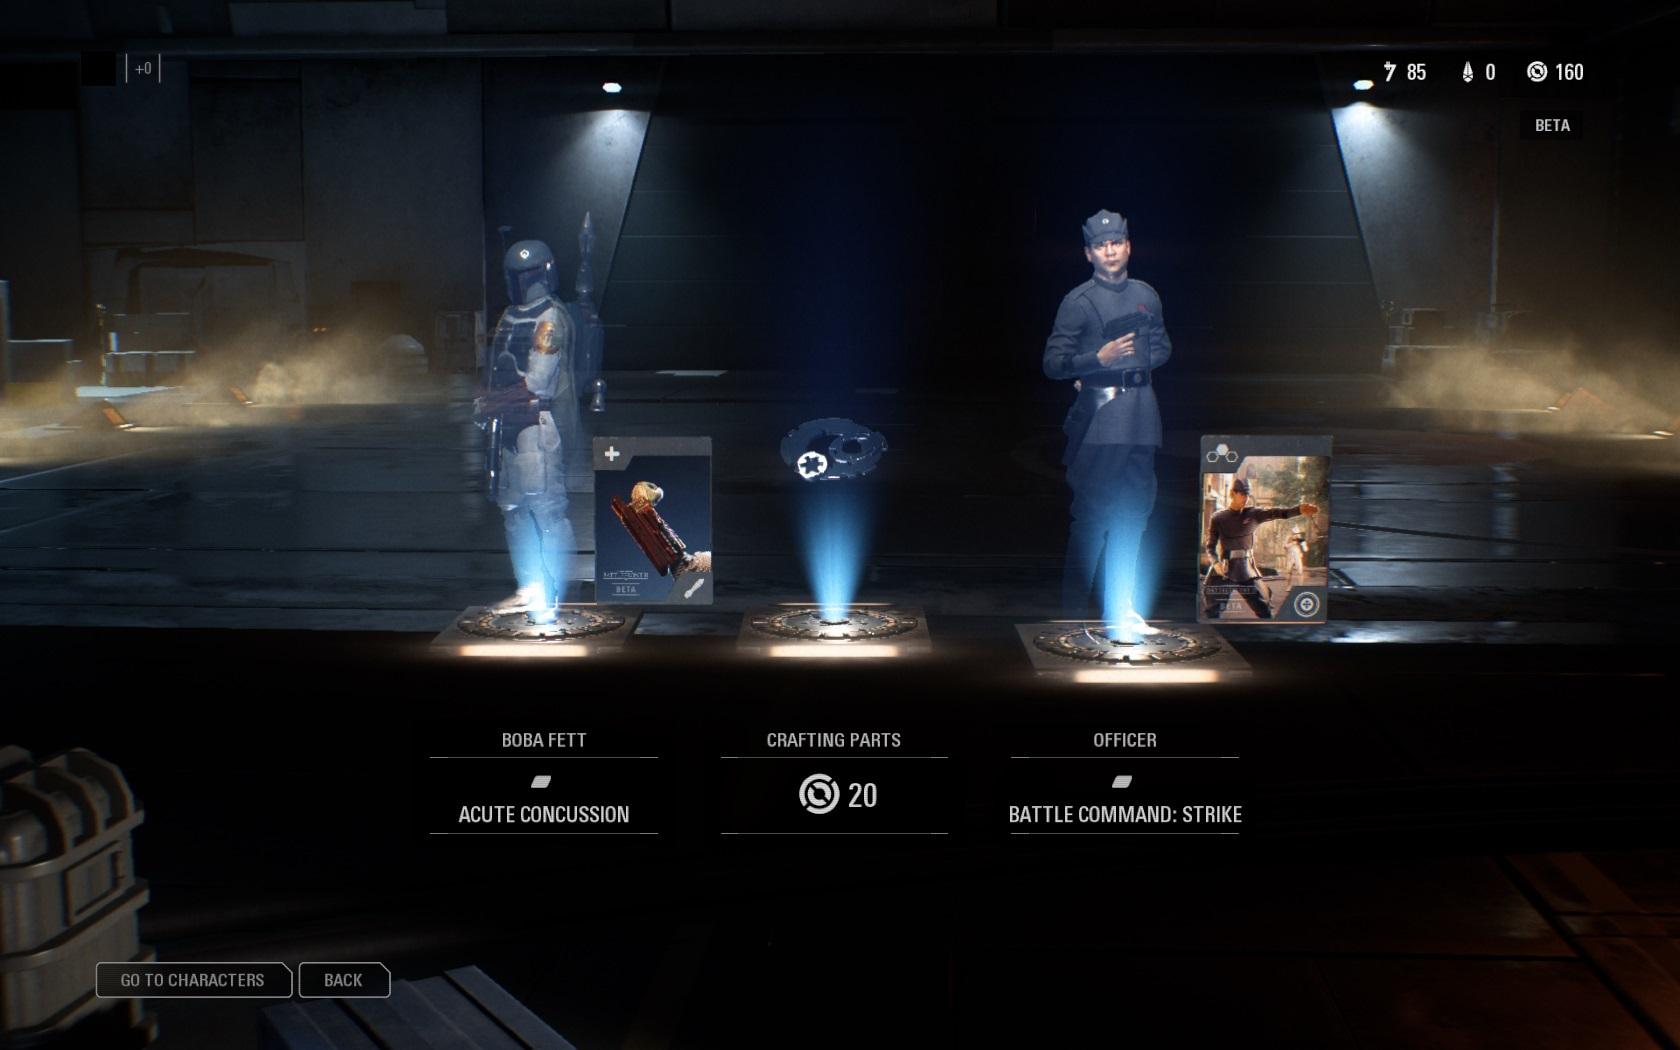 Zvedá se masivní vlna odporu proti systému krabic v betě Star Wars: Battlefrontu 2 150971